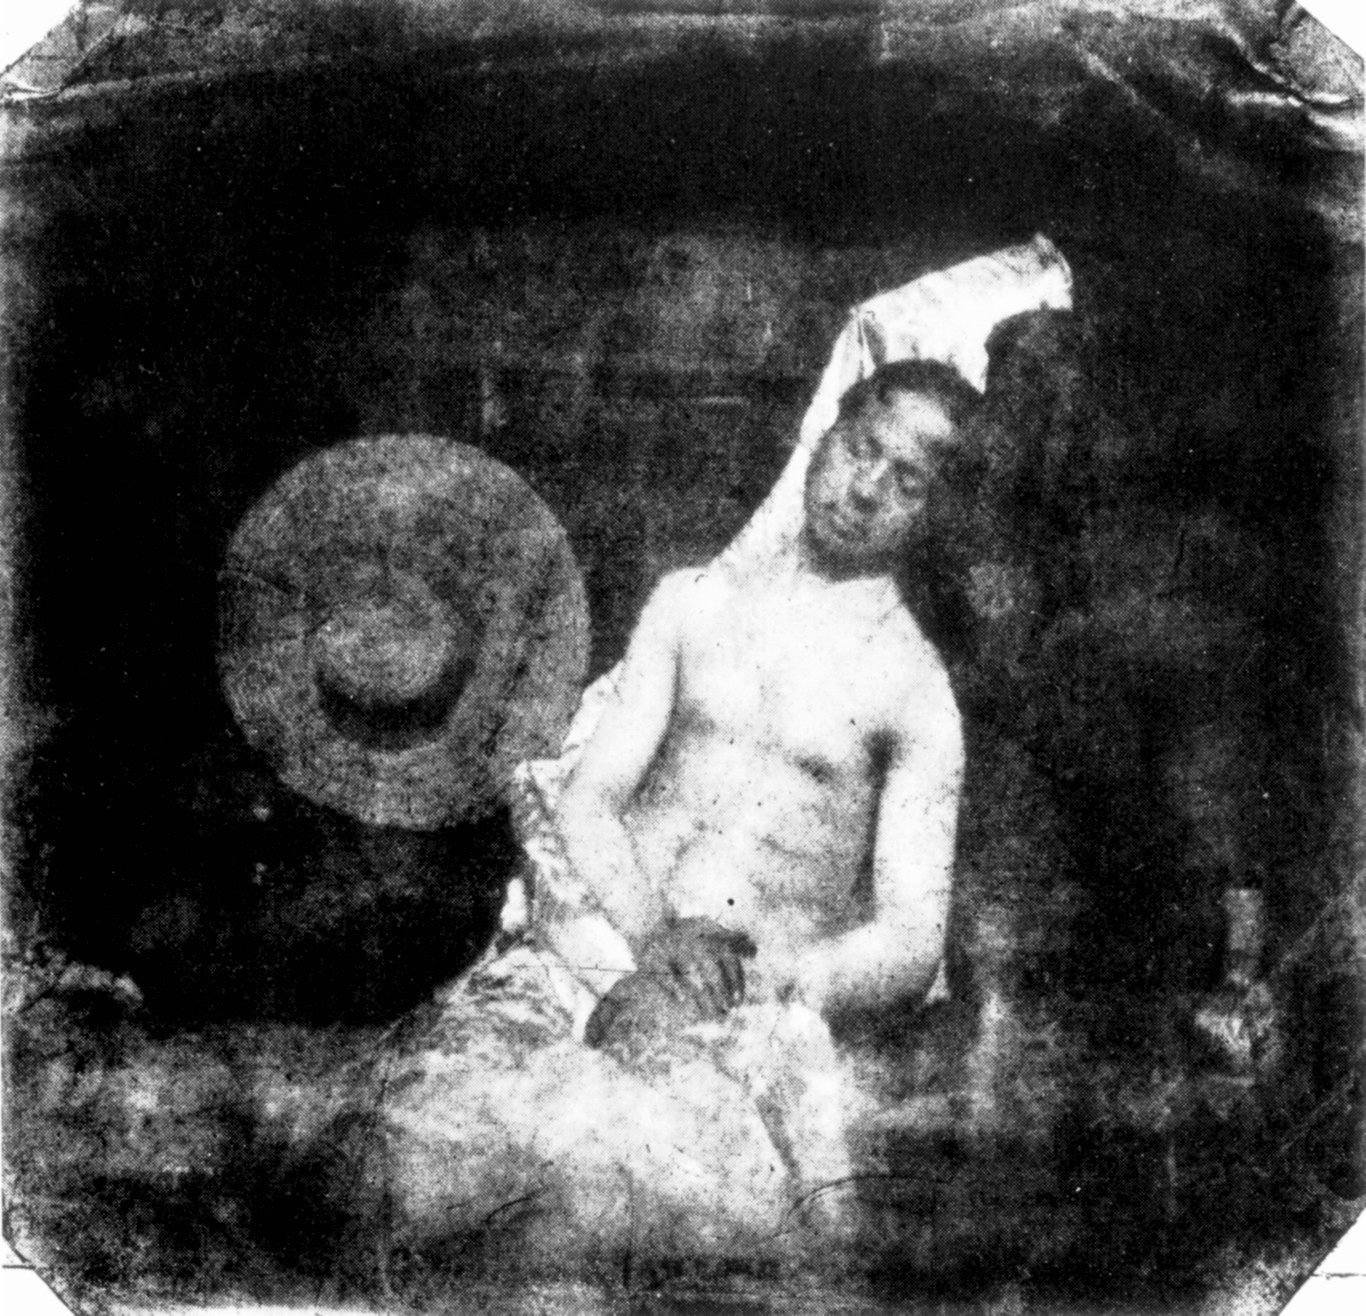 ¿Quién inventó la Cámara Fotográfica? Origen e Historia 7